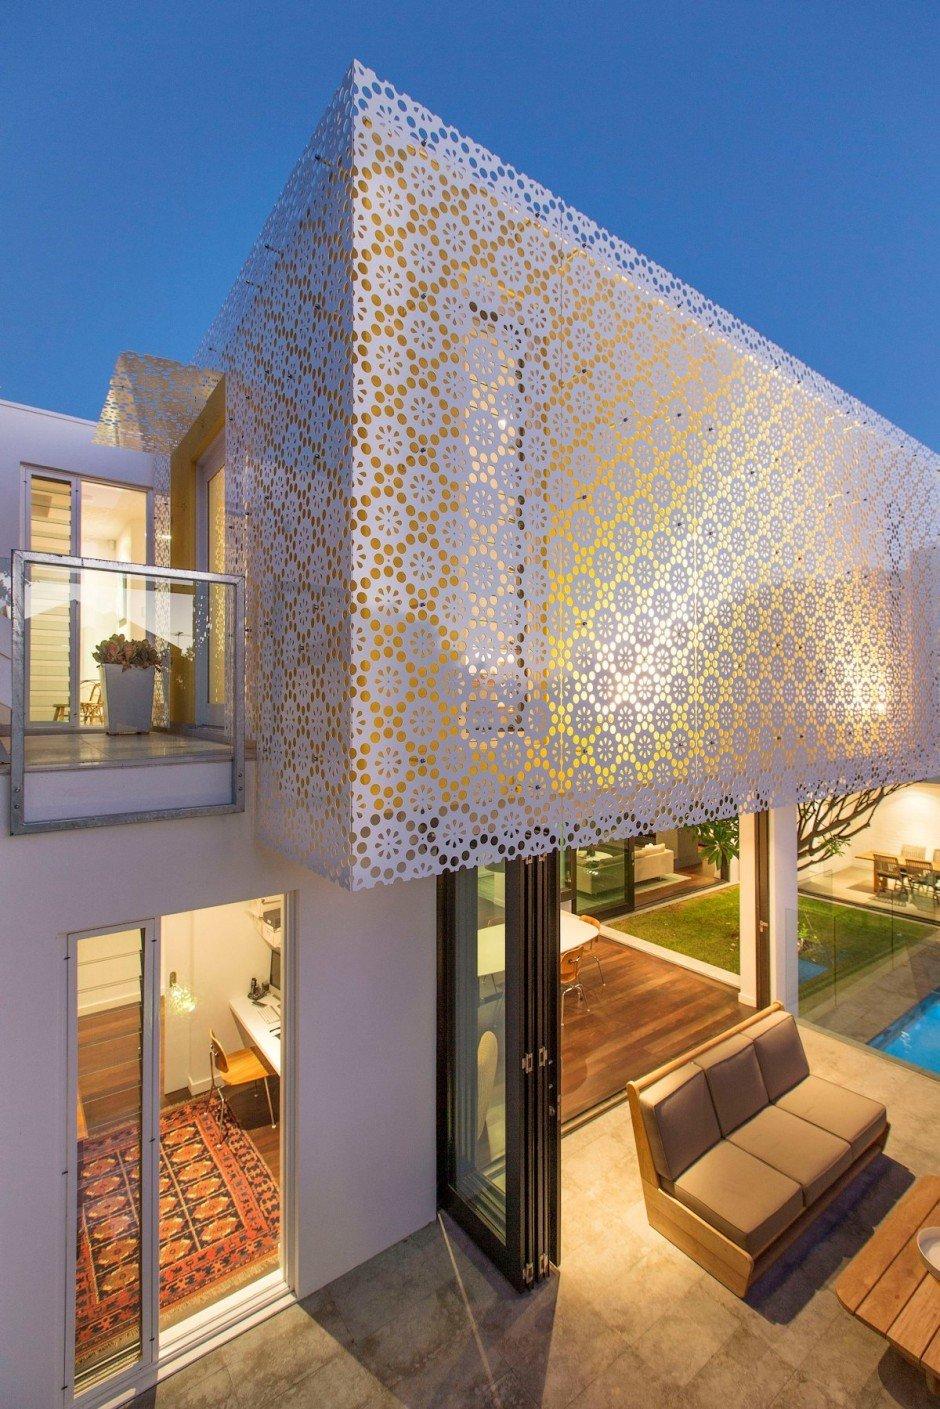 Planos de una casa  moderna en Australia con estilo familiar y casero